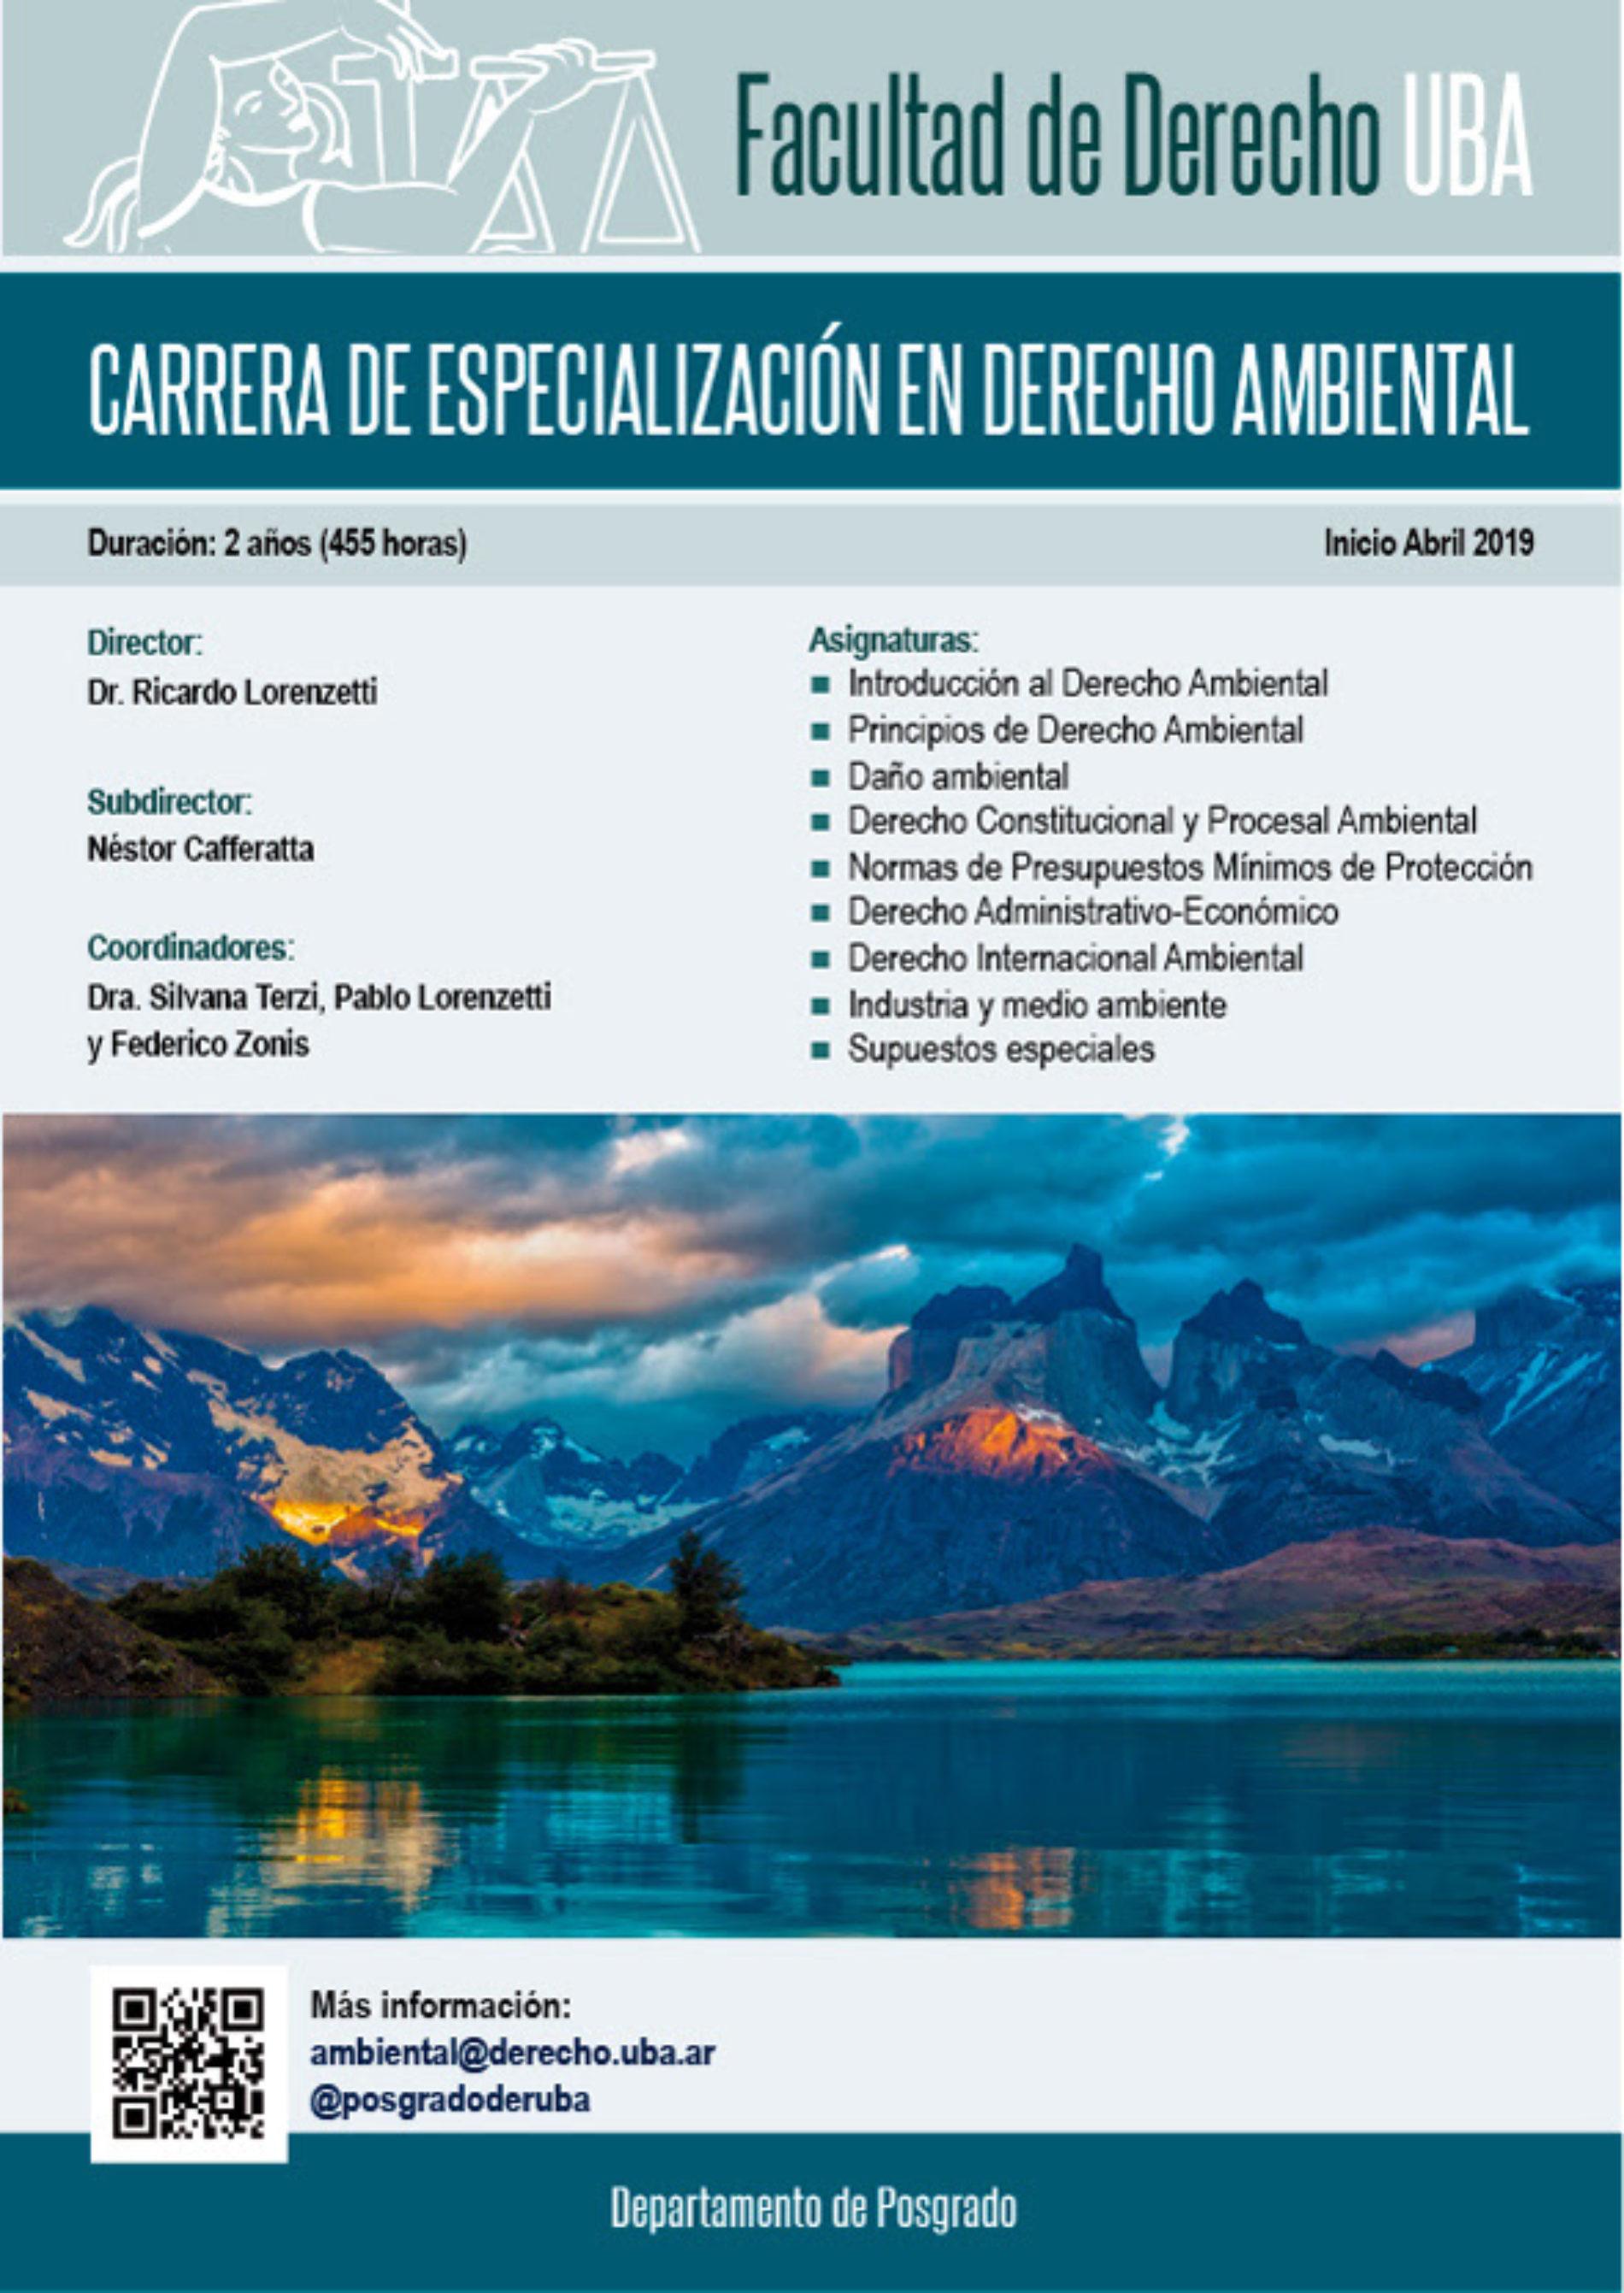 «Carrera de Especialización en Derecho Ambiental»